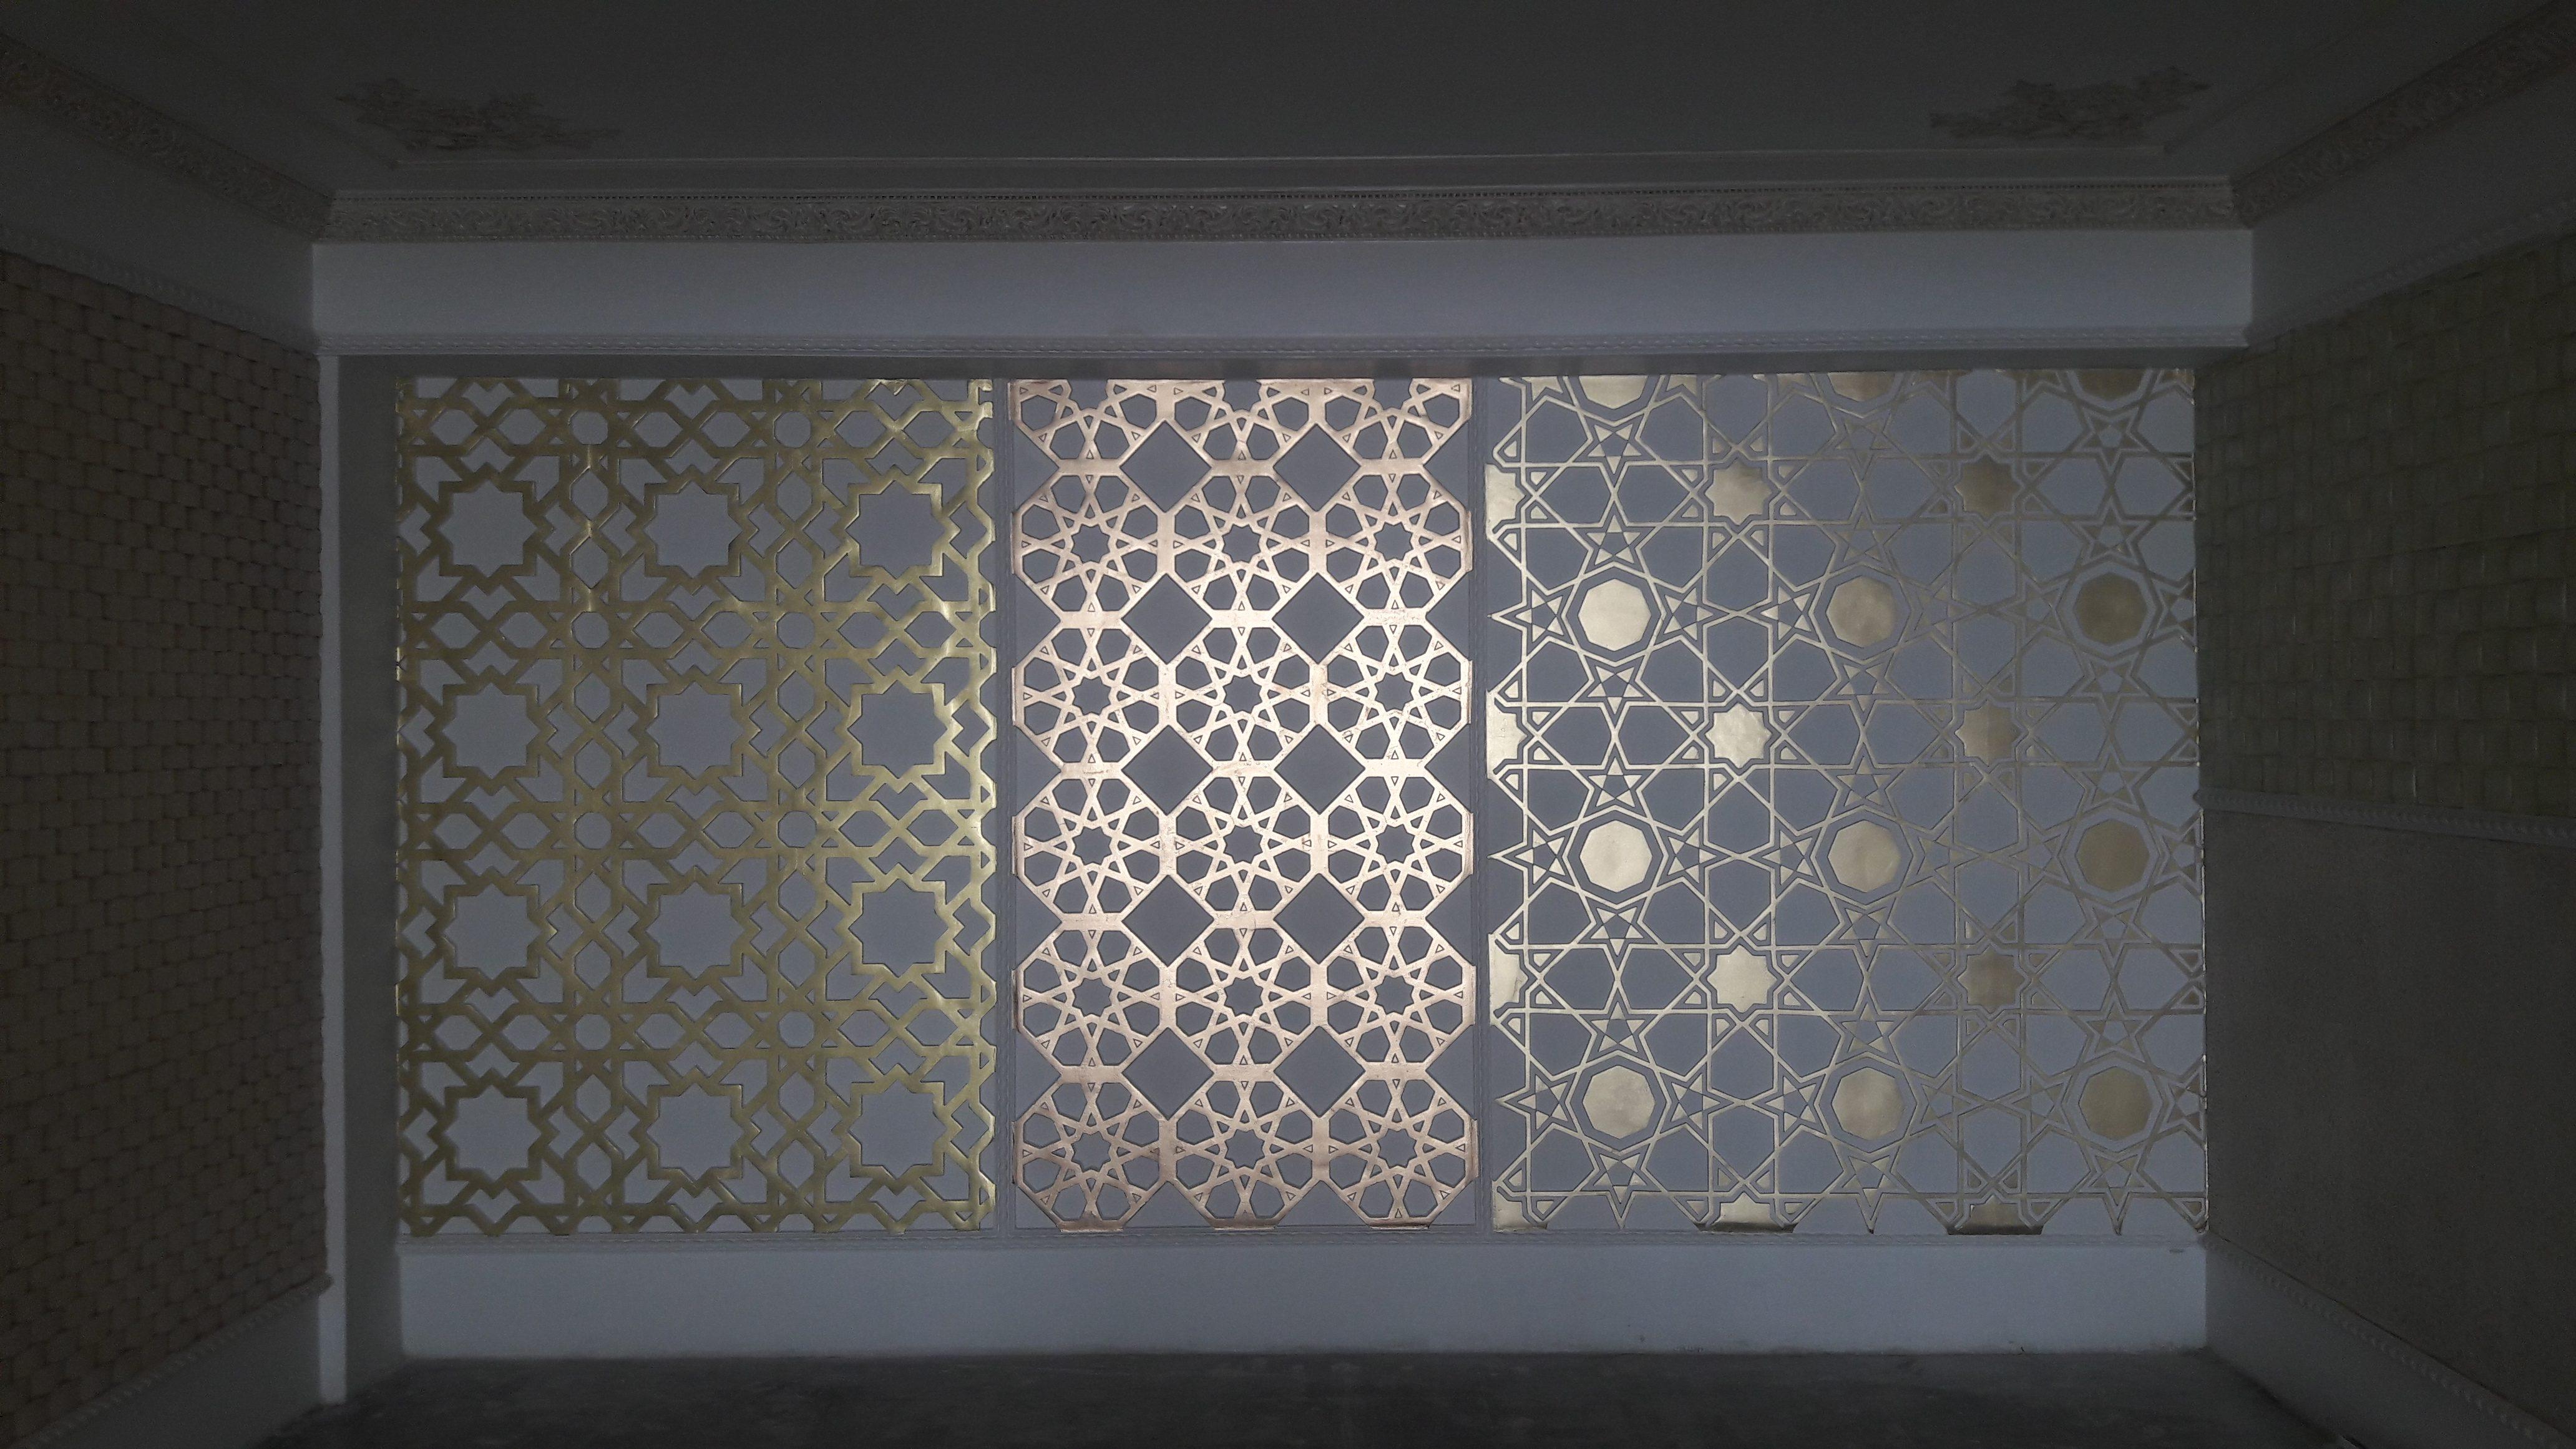 duvar dekorasyon malzemeleri- (Model: M1)